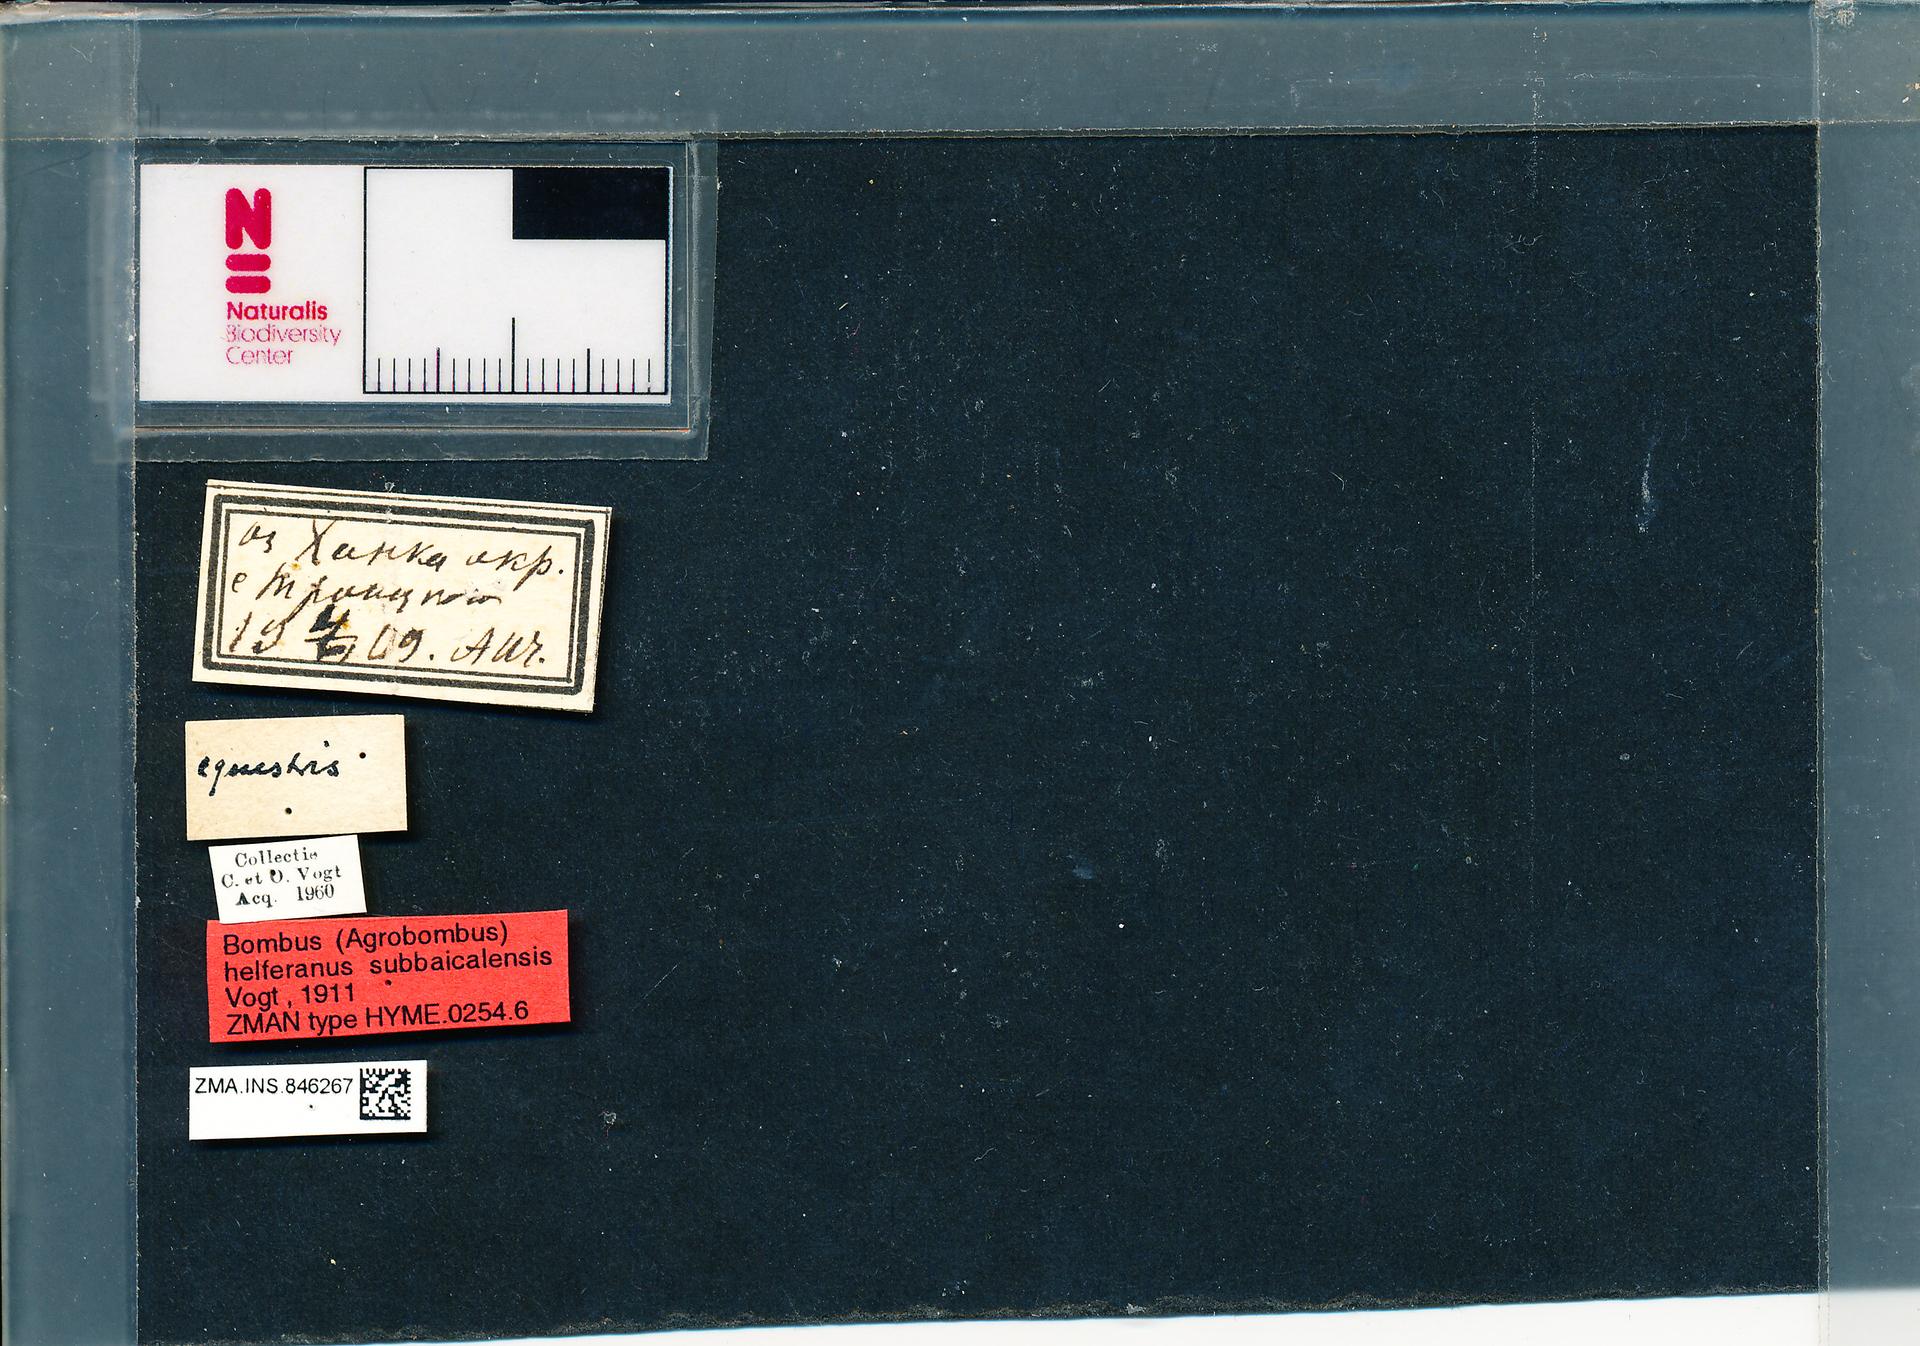 ZMA.INS.846267 | Bombus (Thoracobombus) humilis subbaicalensis Vogt, 1911